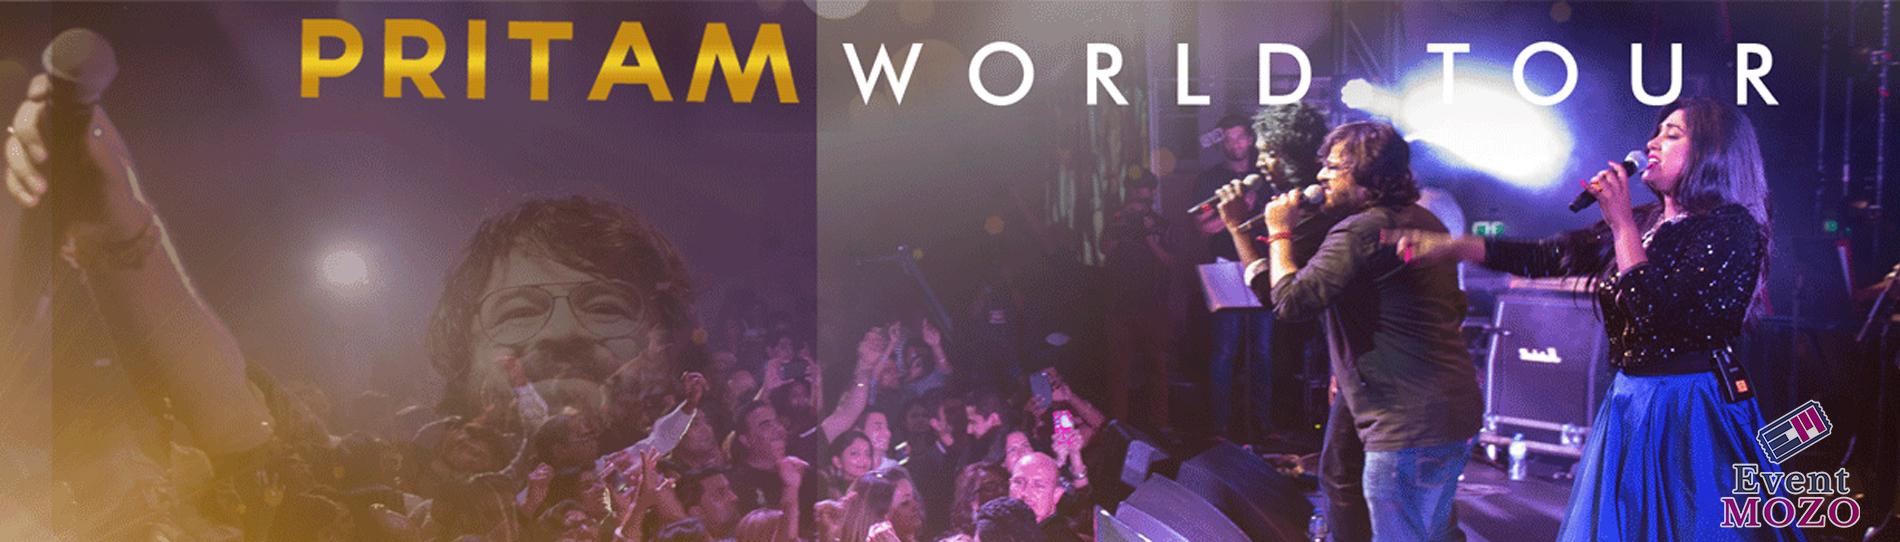 EventMozo Pritam World Tour Live In Concert - Bay Area